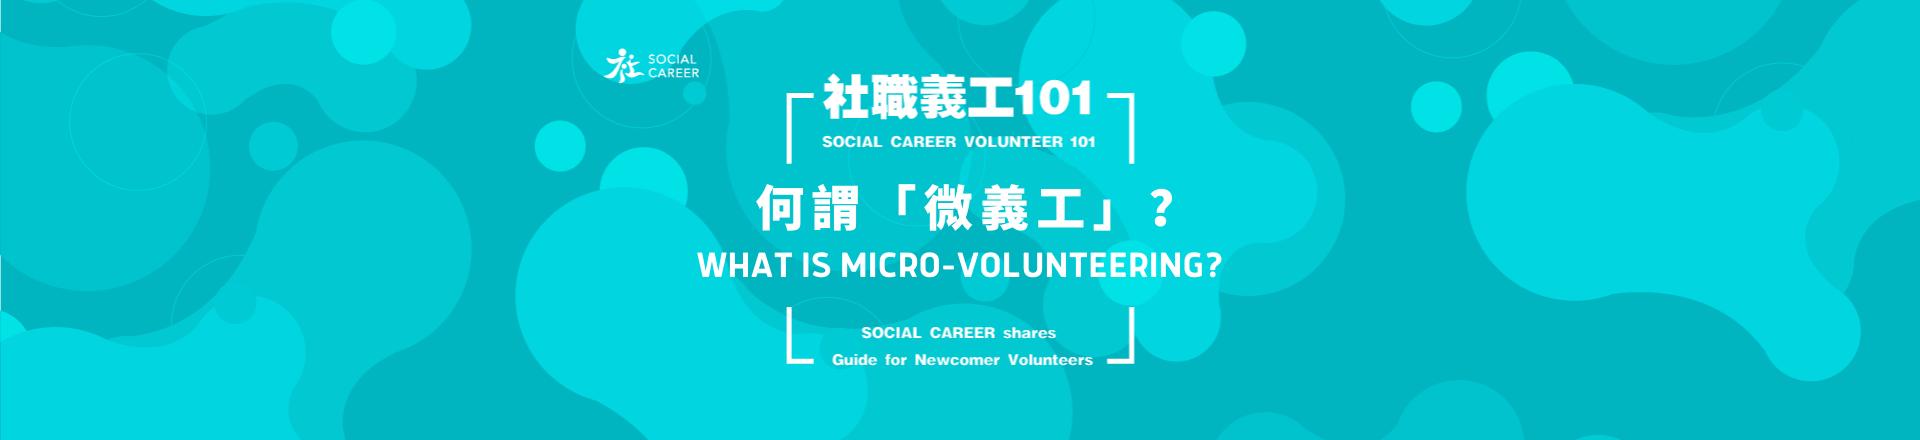 什麼是微義工 Micro-Volunteering 社職義工101